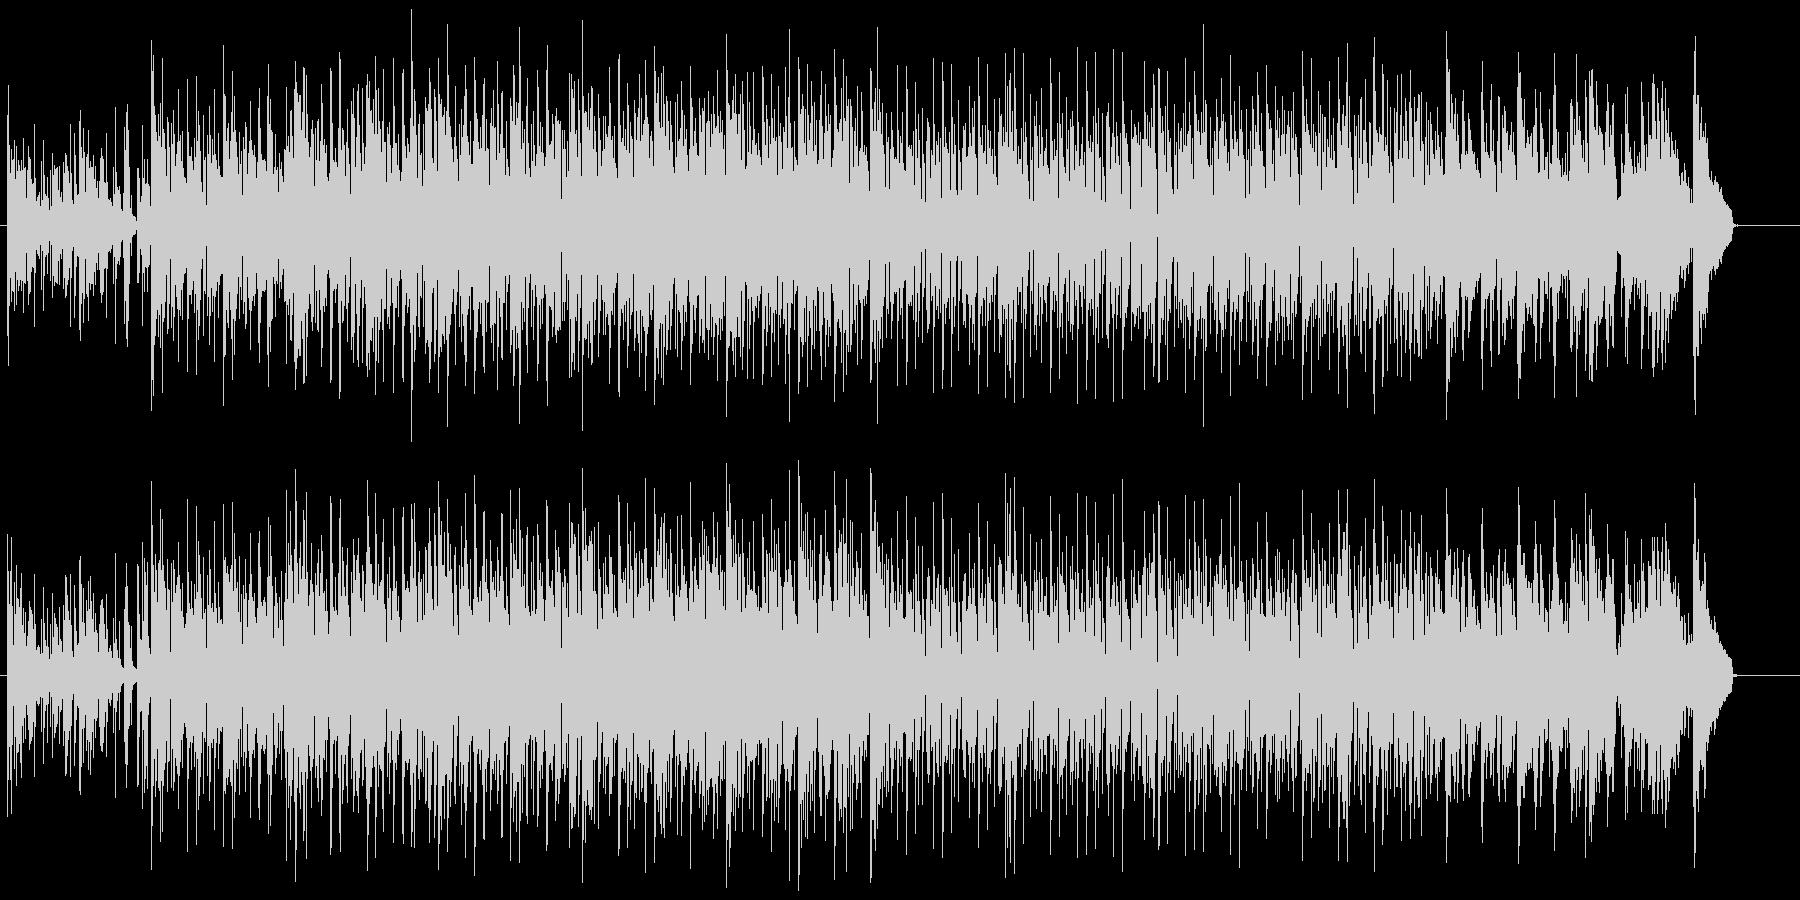 妖艶なアシッド・ジャズ系クラブ・サウンドの未再生の波形